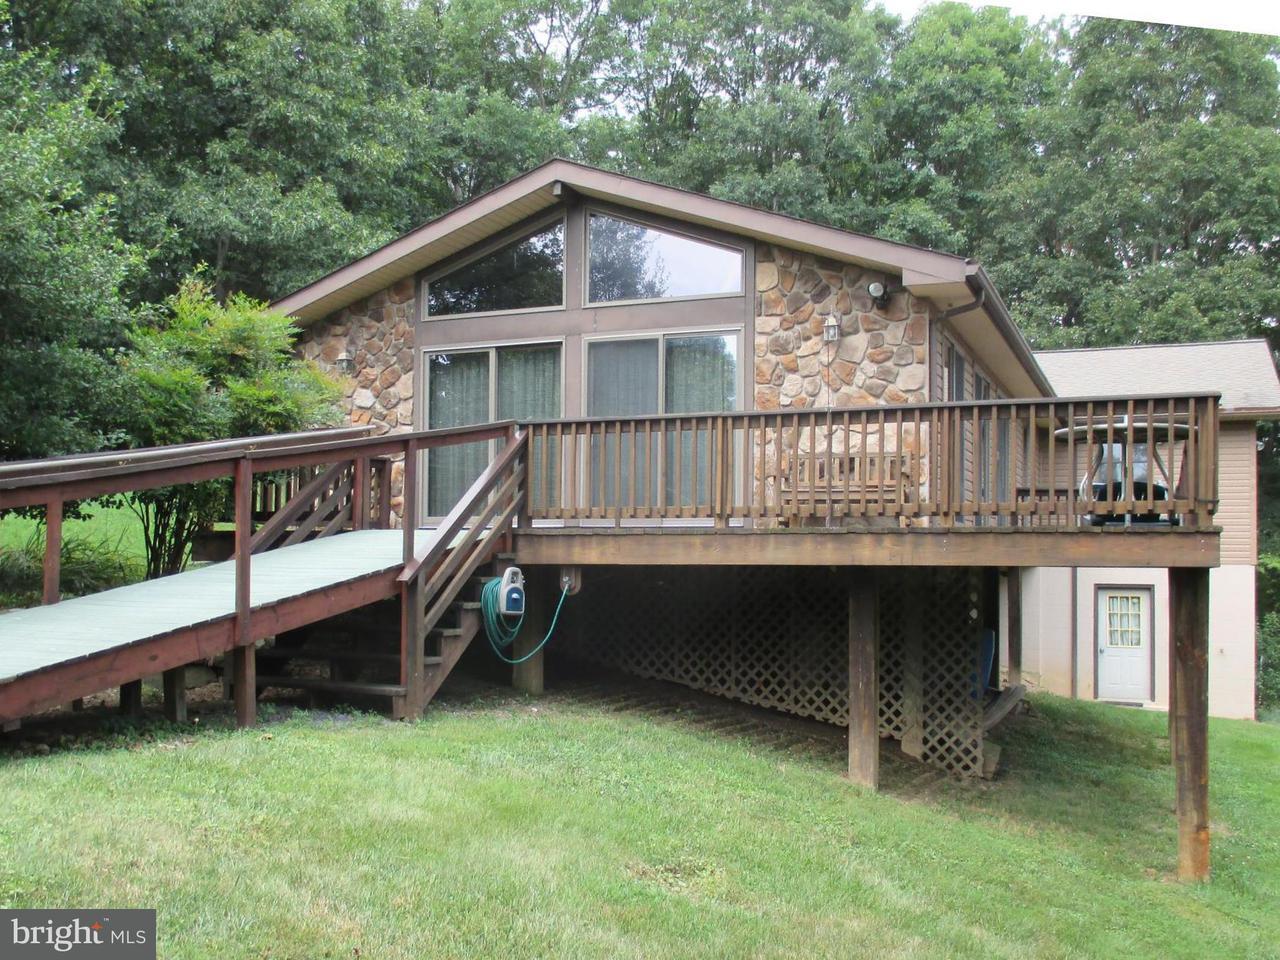 Fazenda / Quinta para Venda às 1674 JONES Road 1674 JONES Road Burlington, West Virginia 26710 Estados Unidos